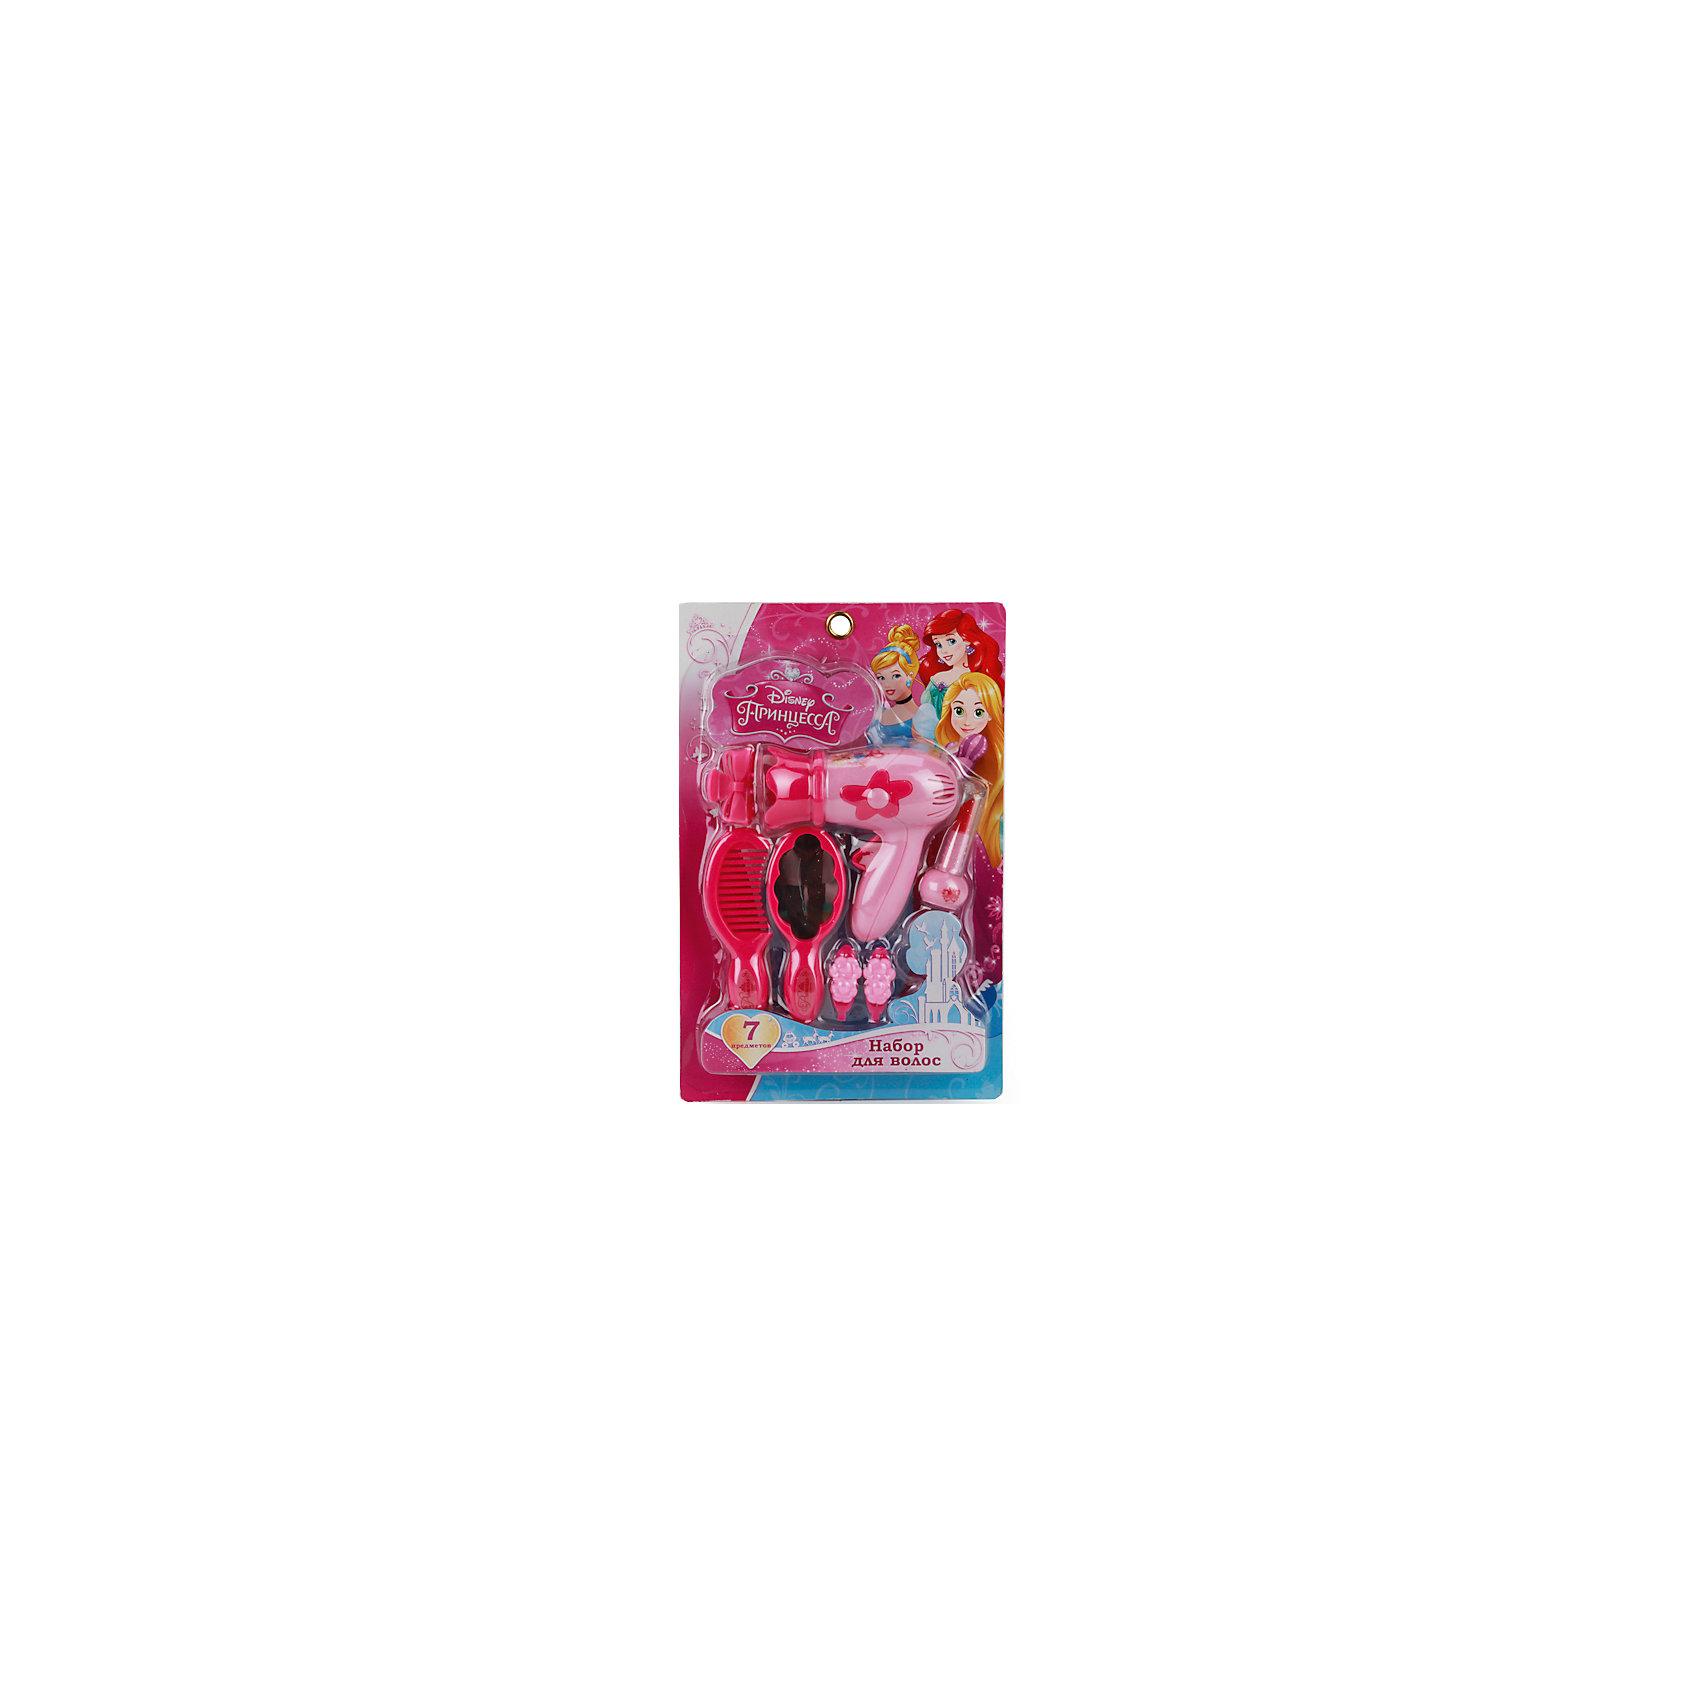 Набор аксессуаров для девочек Принцессыс феном, Играем вместеНабор для девочек выполнен в стиле принцесс Disney. В набор входят: фен, расческа, зеркальце, помада, заколка и красивые сережки, которые сделают игру более увлекательной. Набор изготовлен из качественного пластика и нетоксичных красителей<br><br>Ширина мм: 40<br>Глубина мм: 260<br>Высота мм: 170<br>Вес г: 170<br>Возраст от месяцев: 36<br>Возраст до месяцев: 72<br>Пол: Женский<br>Возраст: Детский<br>SKU: 5099058